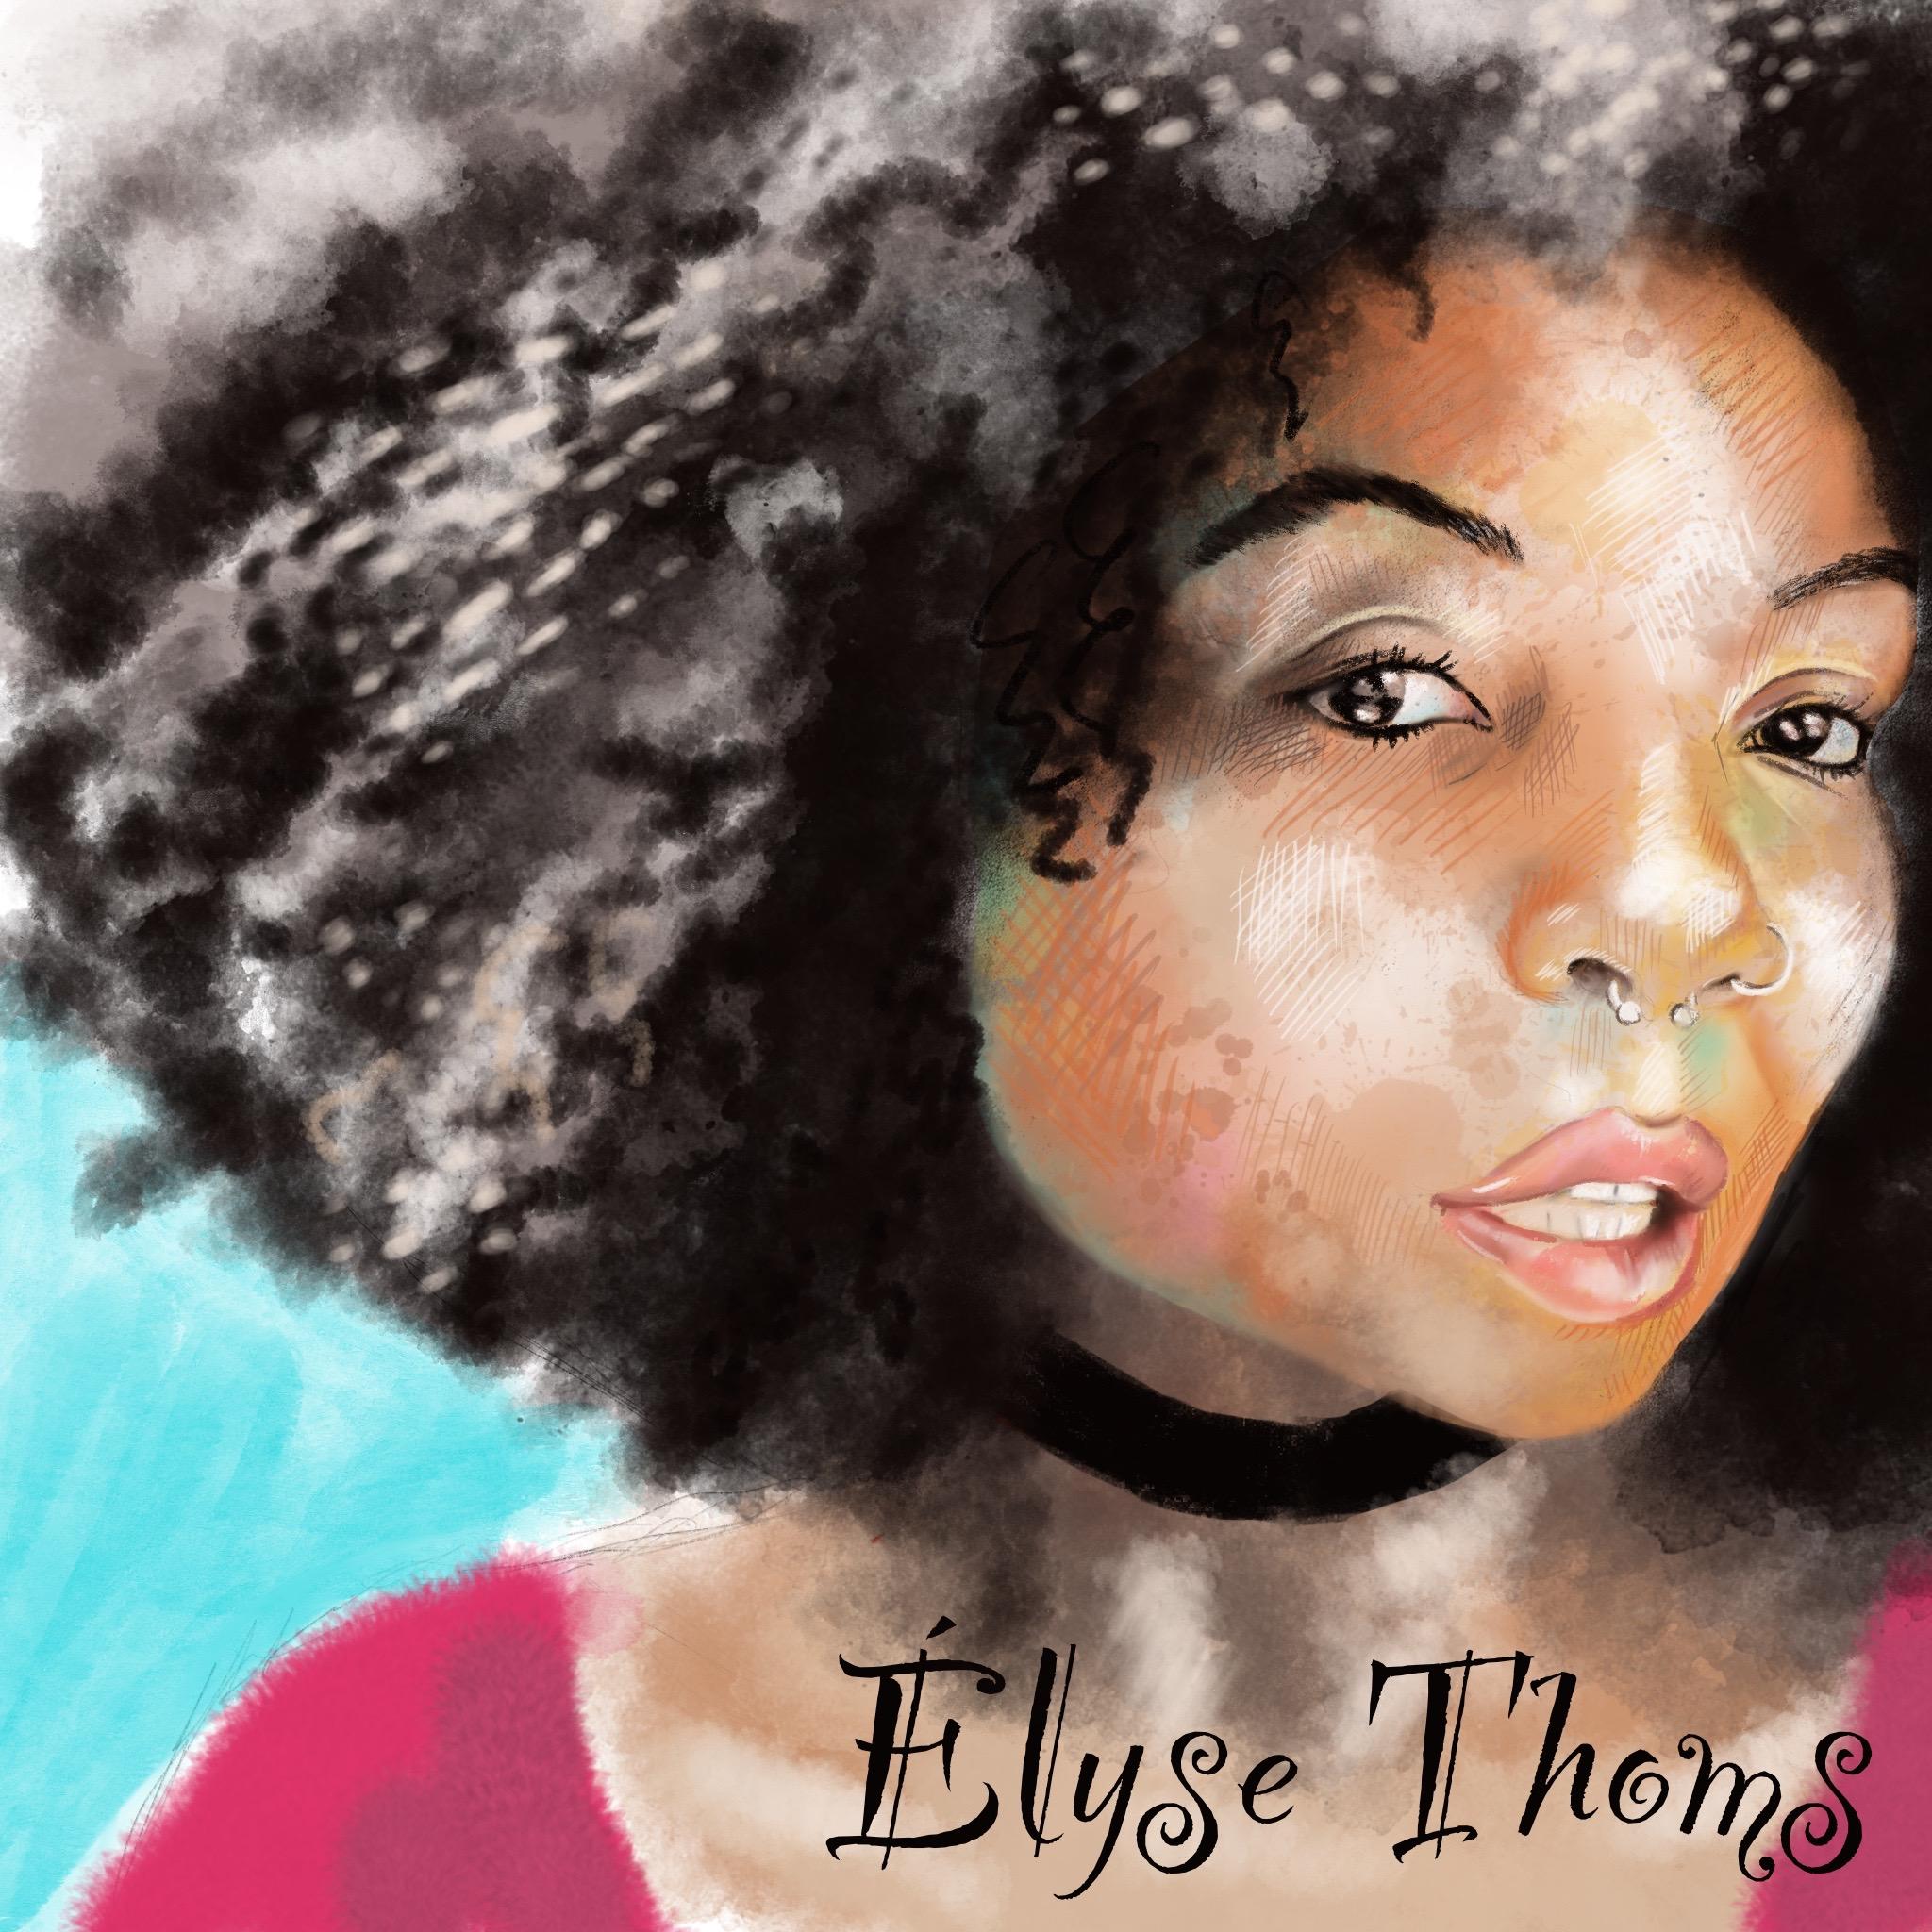 Portrait d'Elyse Thoms  sur Procreate, modèle Sktchy- techniques d'aquarelle -©IF